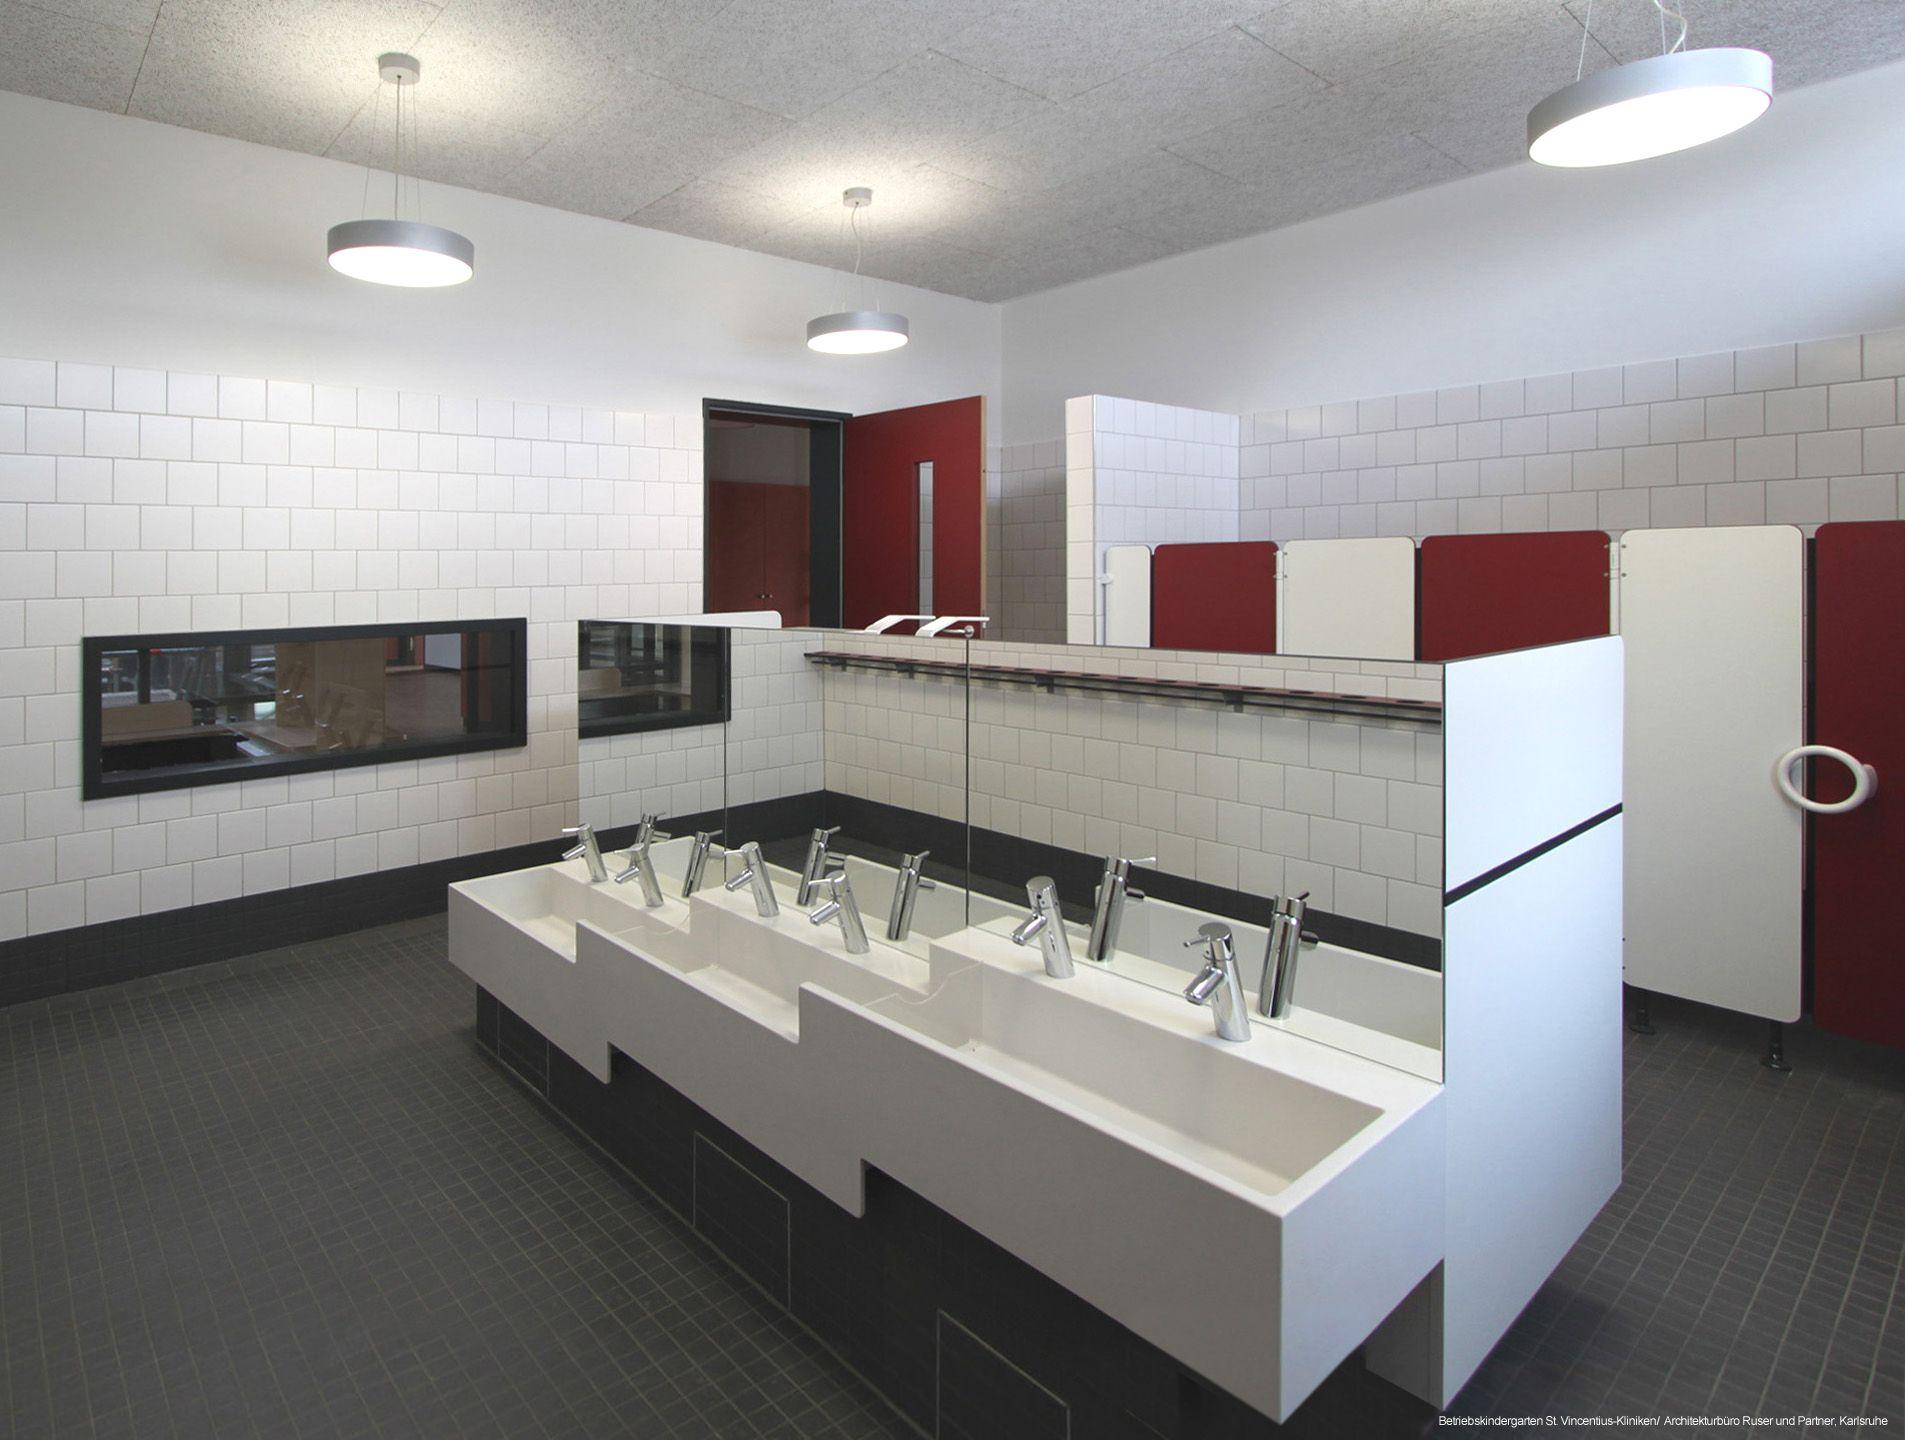 Waschrinne kita der st vincentius kliniken karlsruhe for Raumgestaltung kita